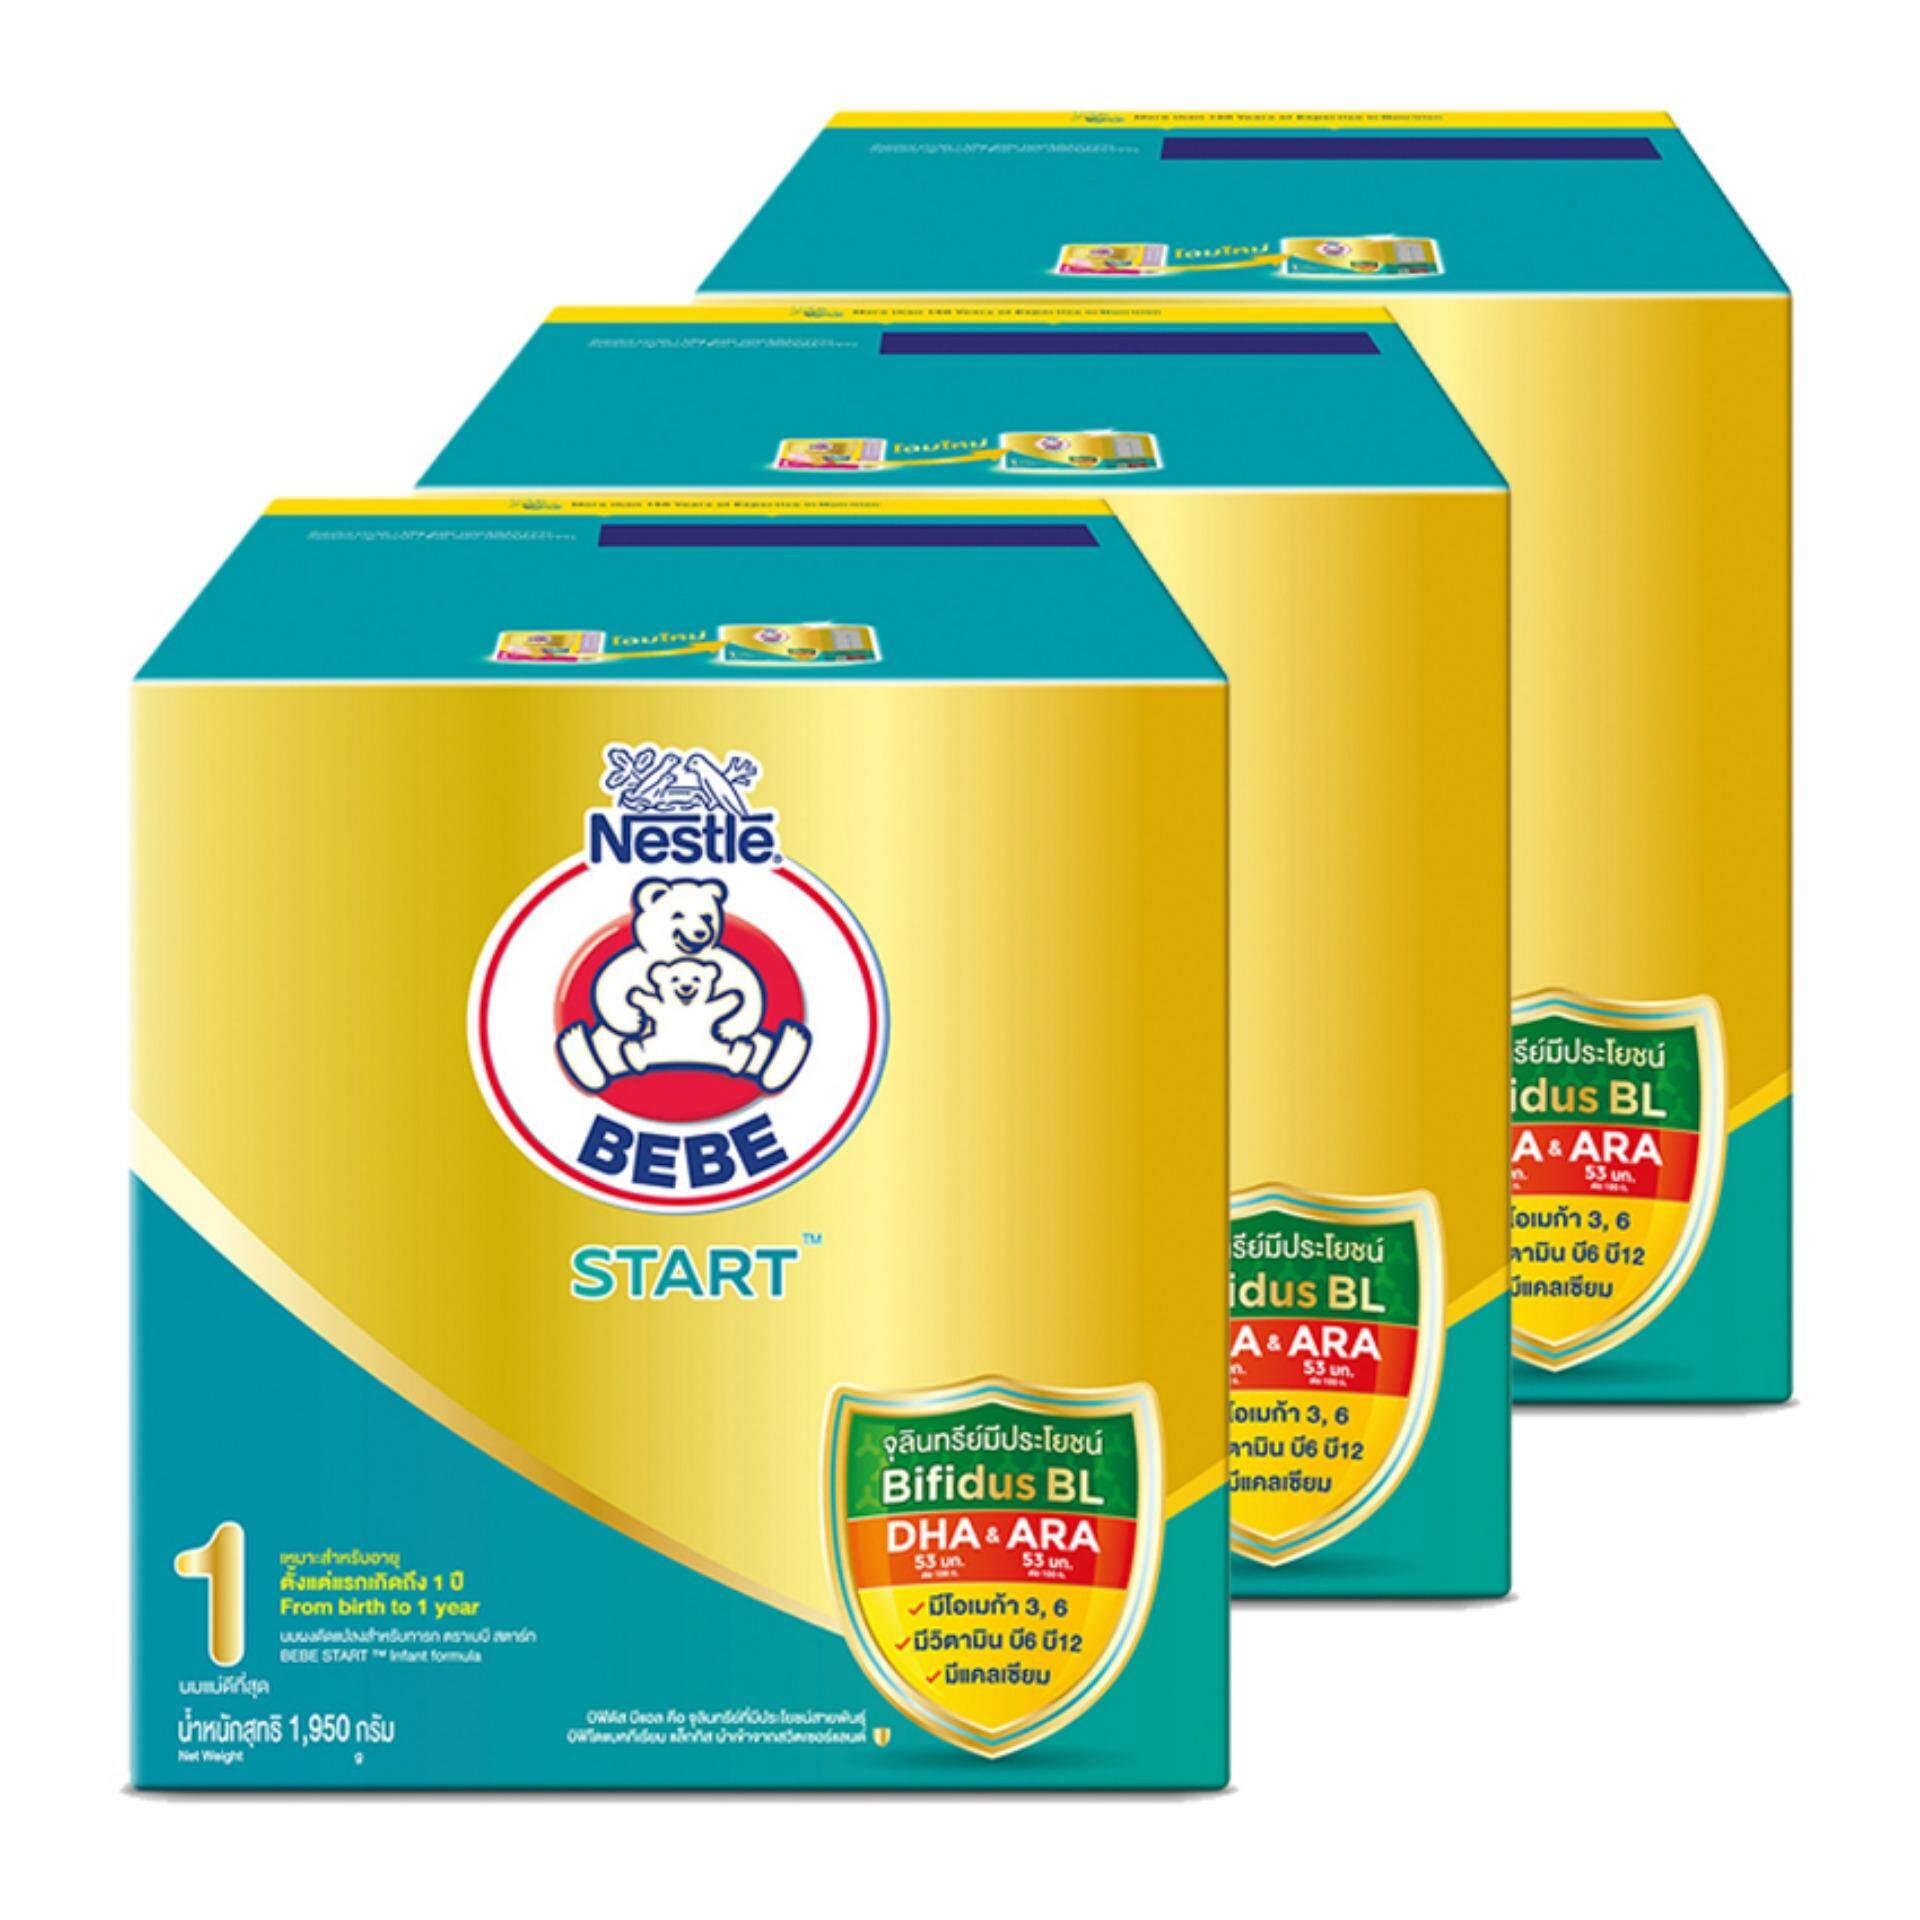 ขาย  NESTLE BEBE เนสท์เล่ เบบี นมผงสำหรับเด็ก ช่วงวัยที่ 1 แอดวานซ์สตาร์ท   1950 กรัม (ทั้งหมด 3 กล่อง)   รีวิว ของแท้